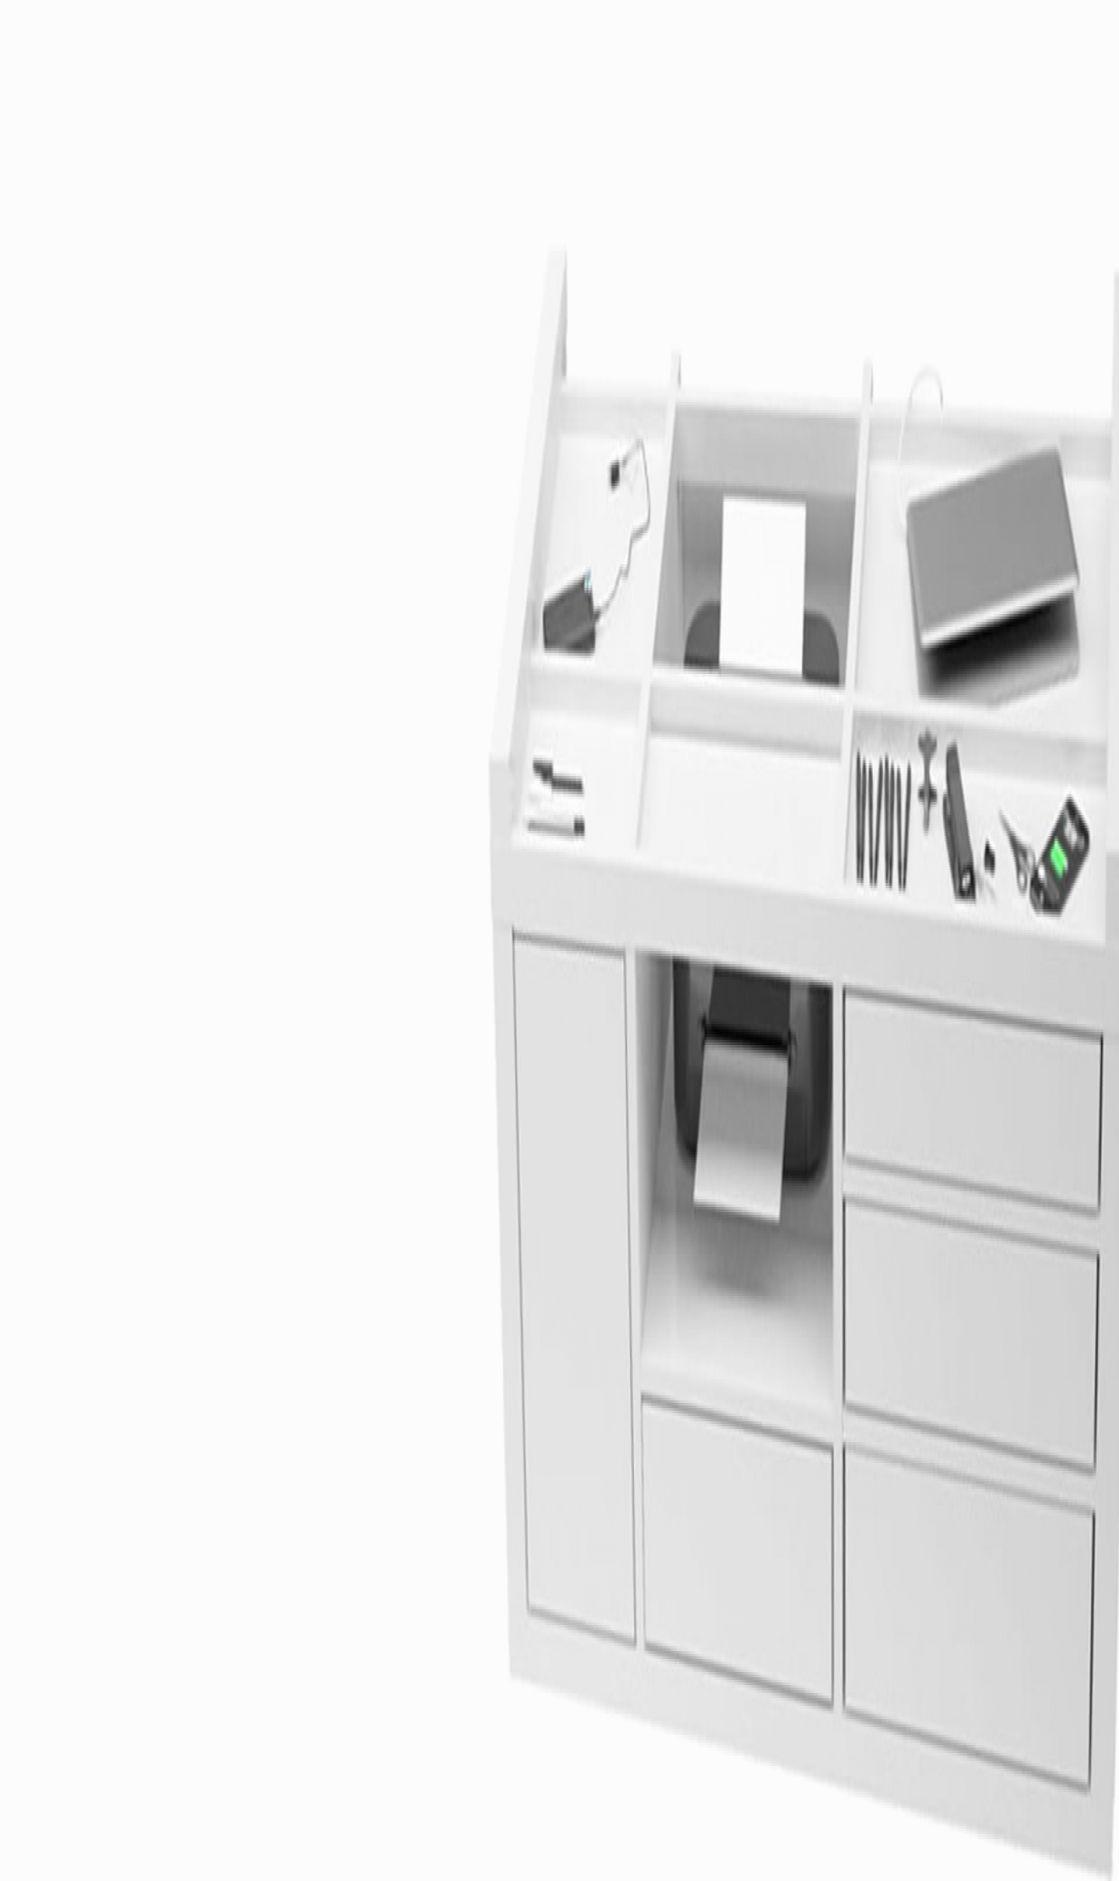 19 Luxus Schrank Fur Drucker In 2020 Schrank Design Schrank Schrank Regale